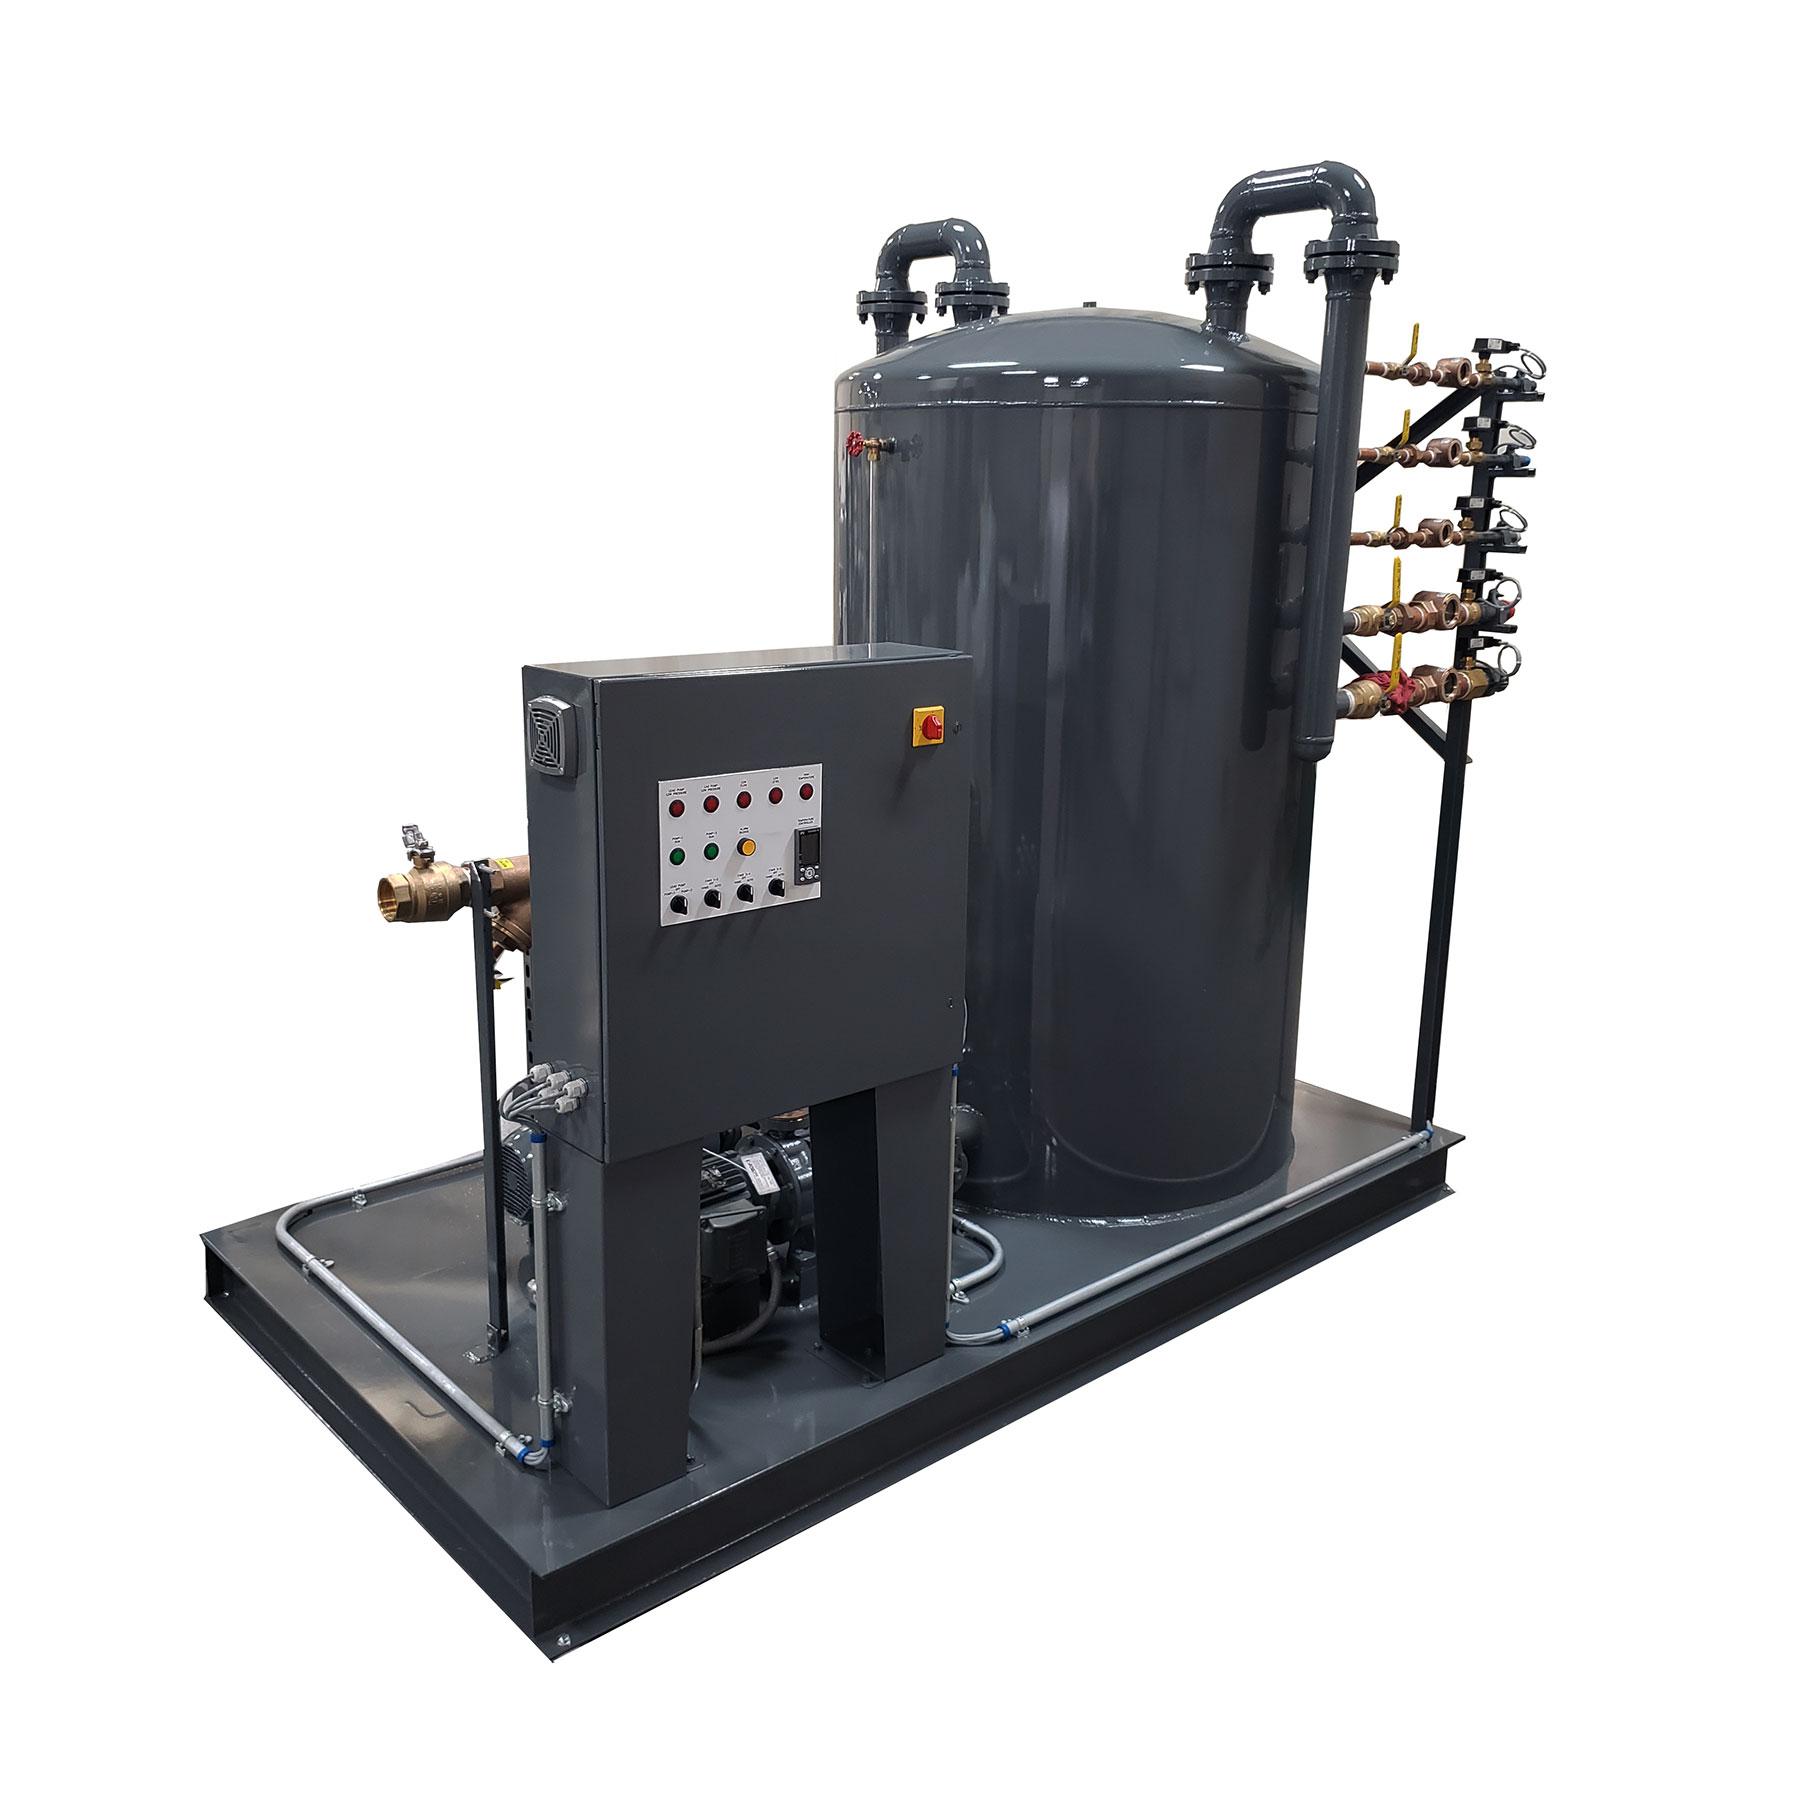 CleanLOOP CX Series Pump Station